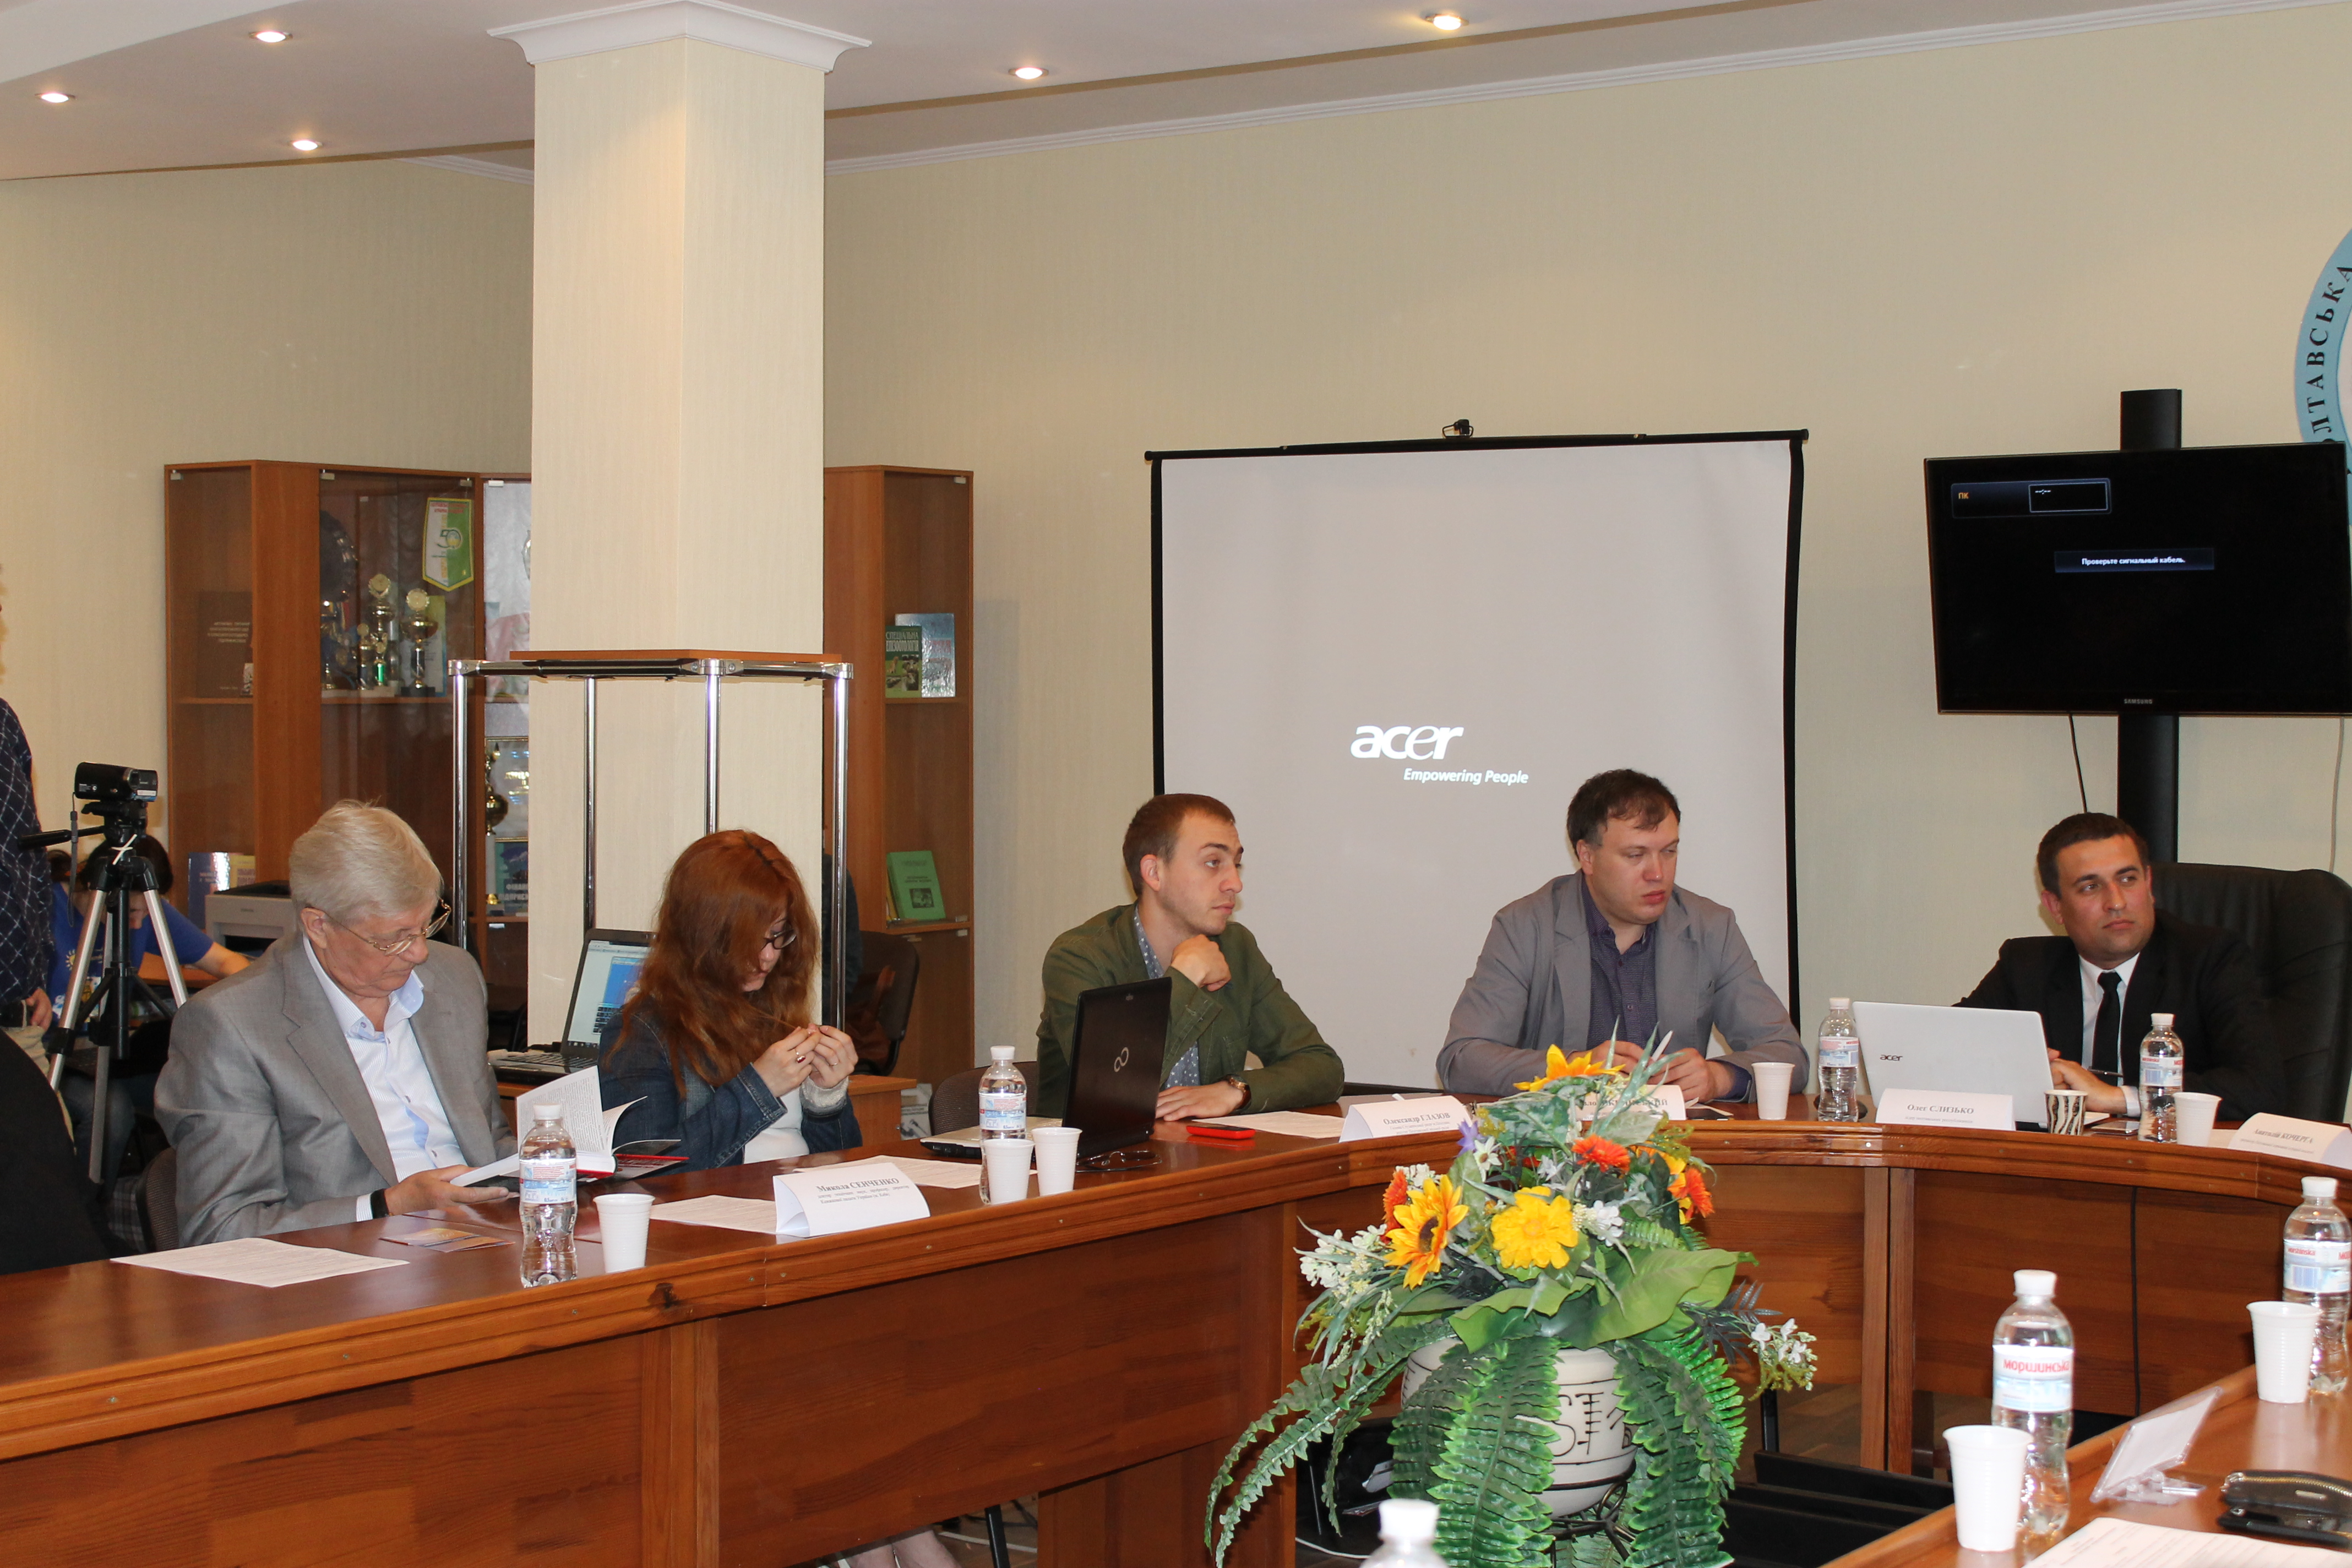 Олександр Глазов, Павло Вікнянський, інші учасники ІІ Громадянського лекторію в Полтаві